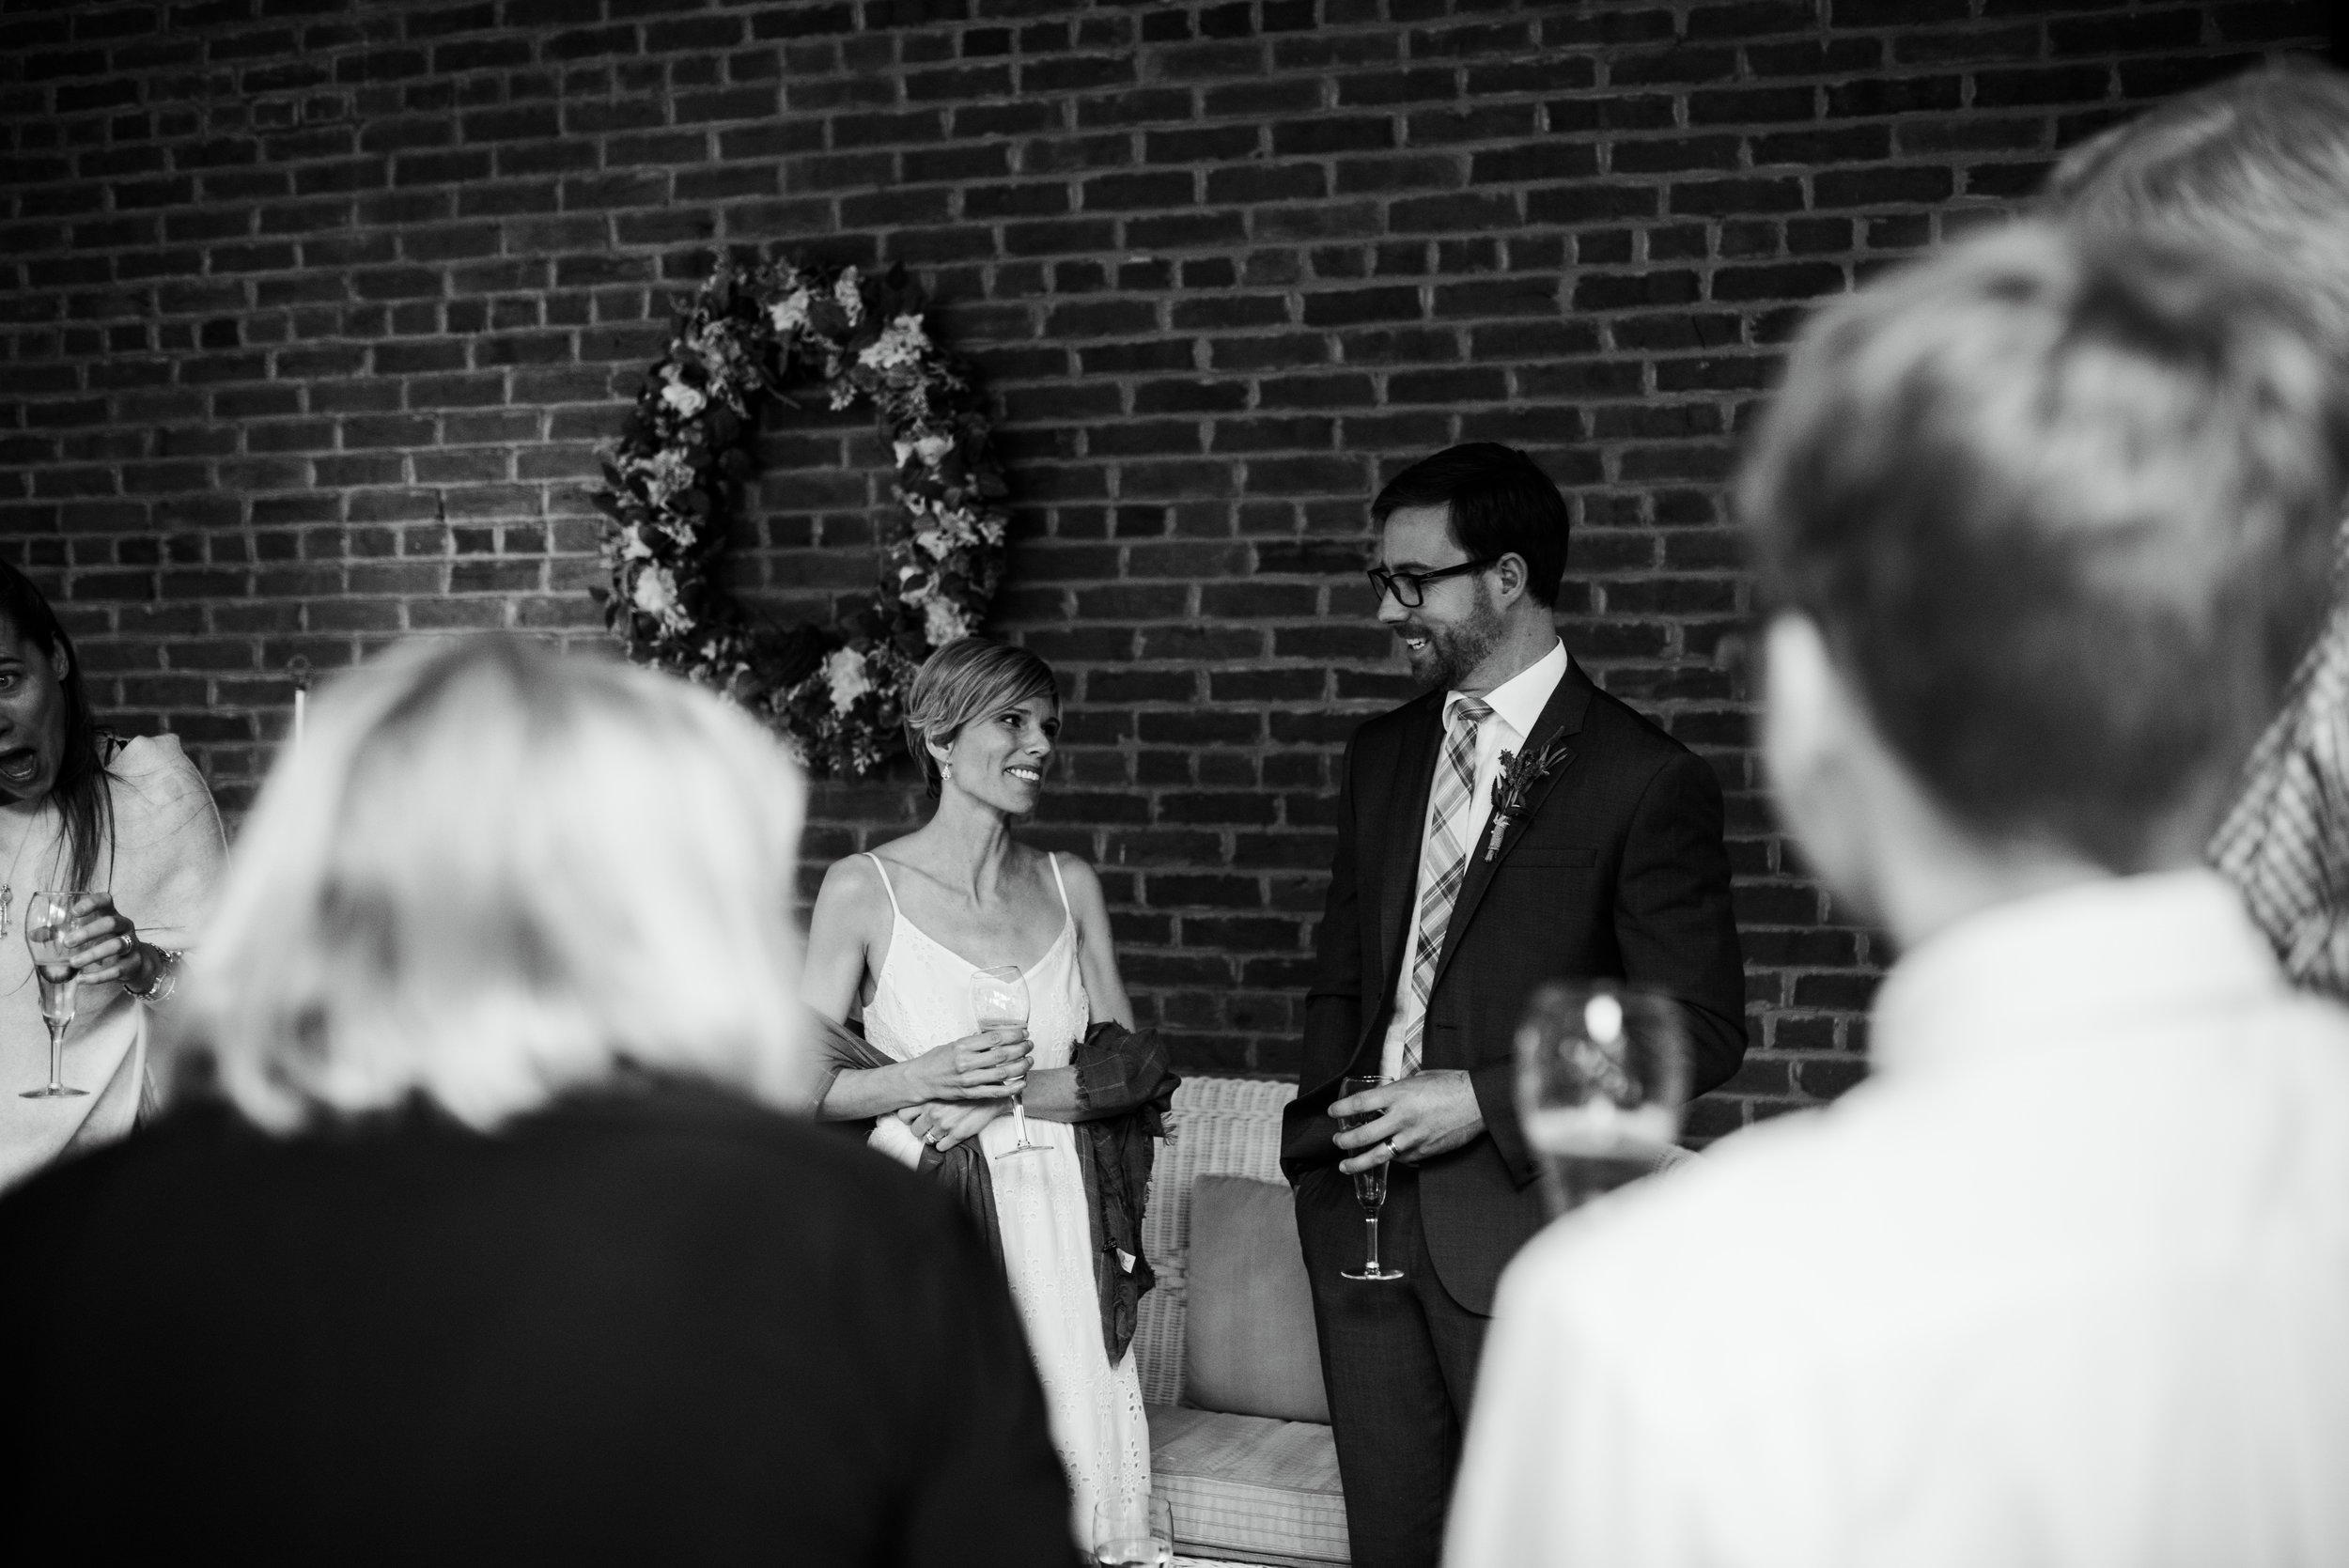 emilybrandonmarylandweddingblog-44.jpg